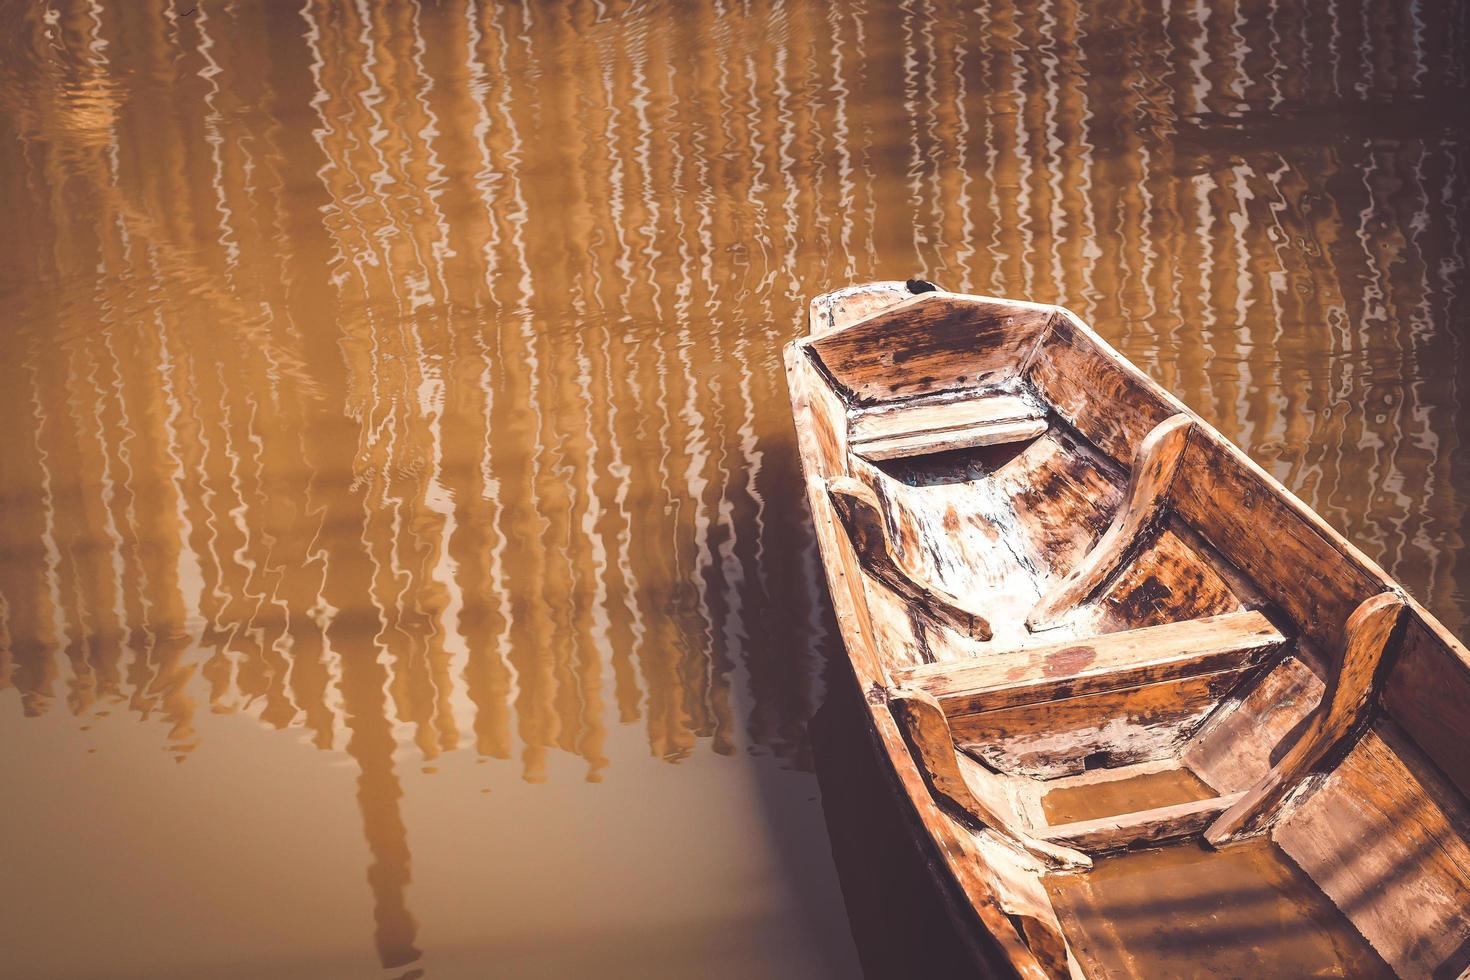 viejo barco de madera en el lago foto